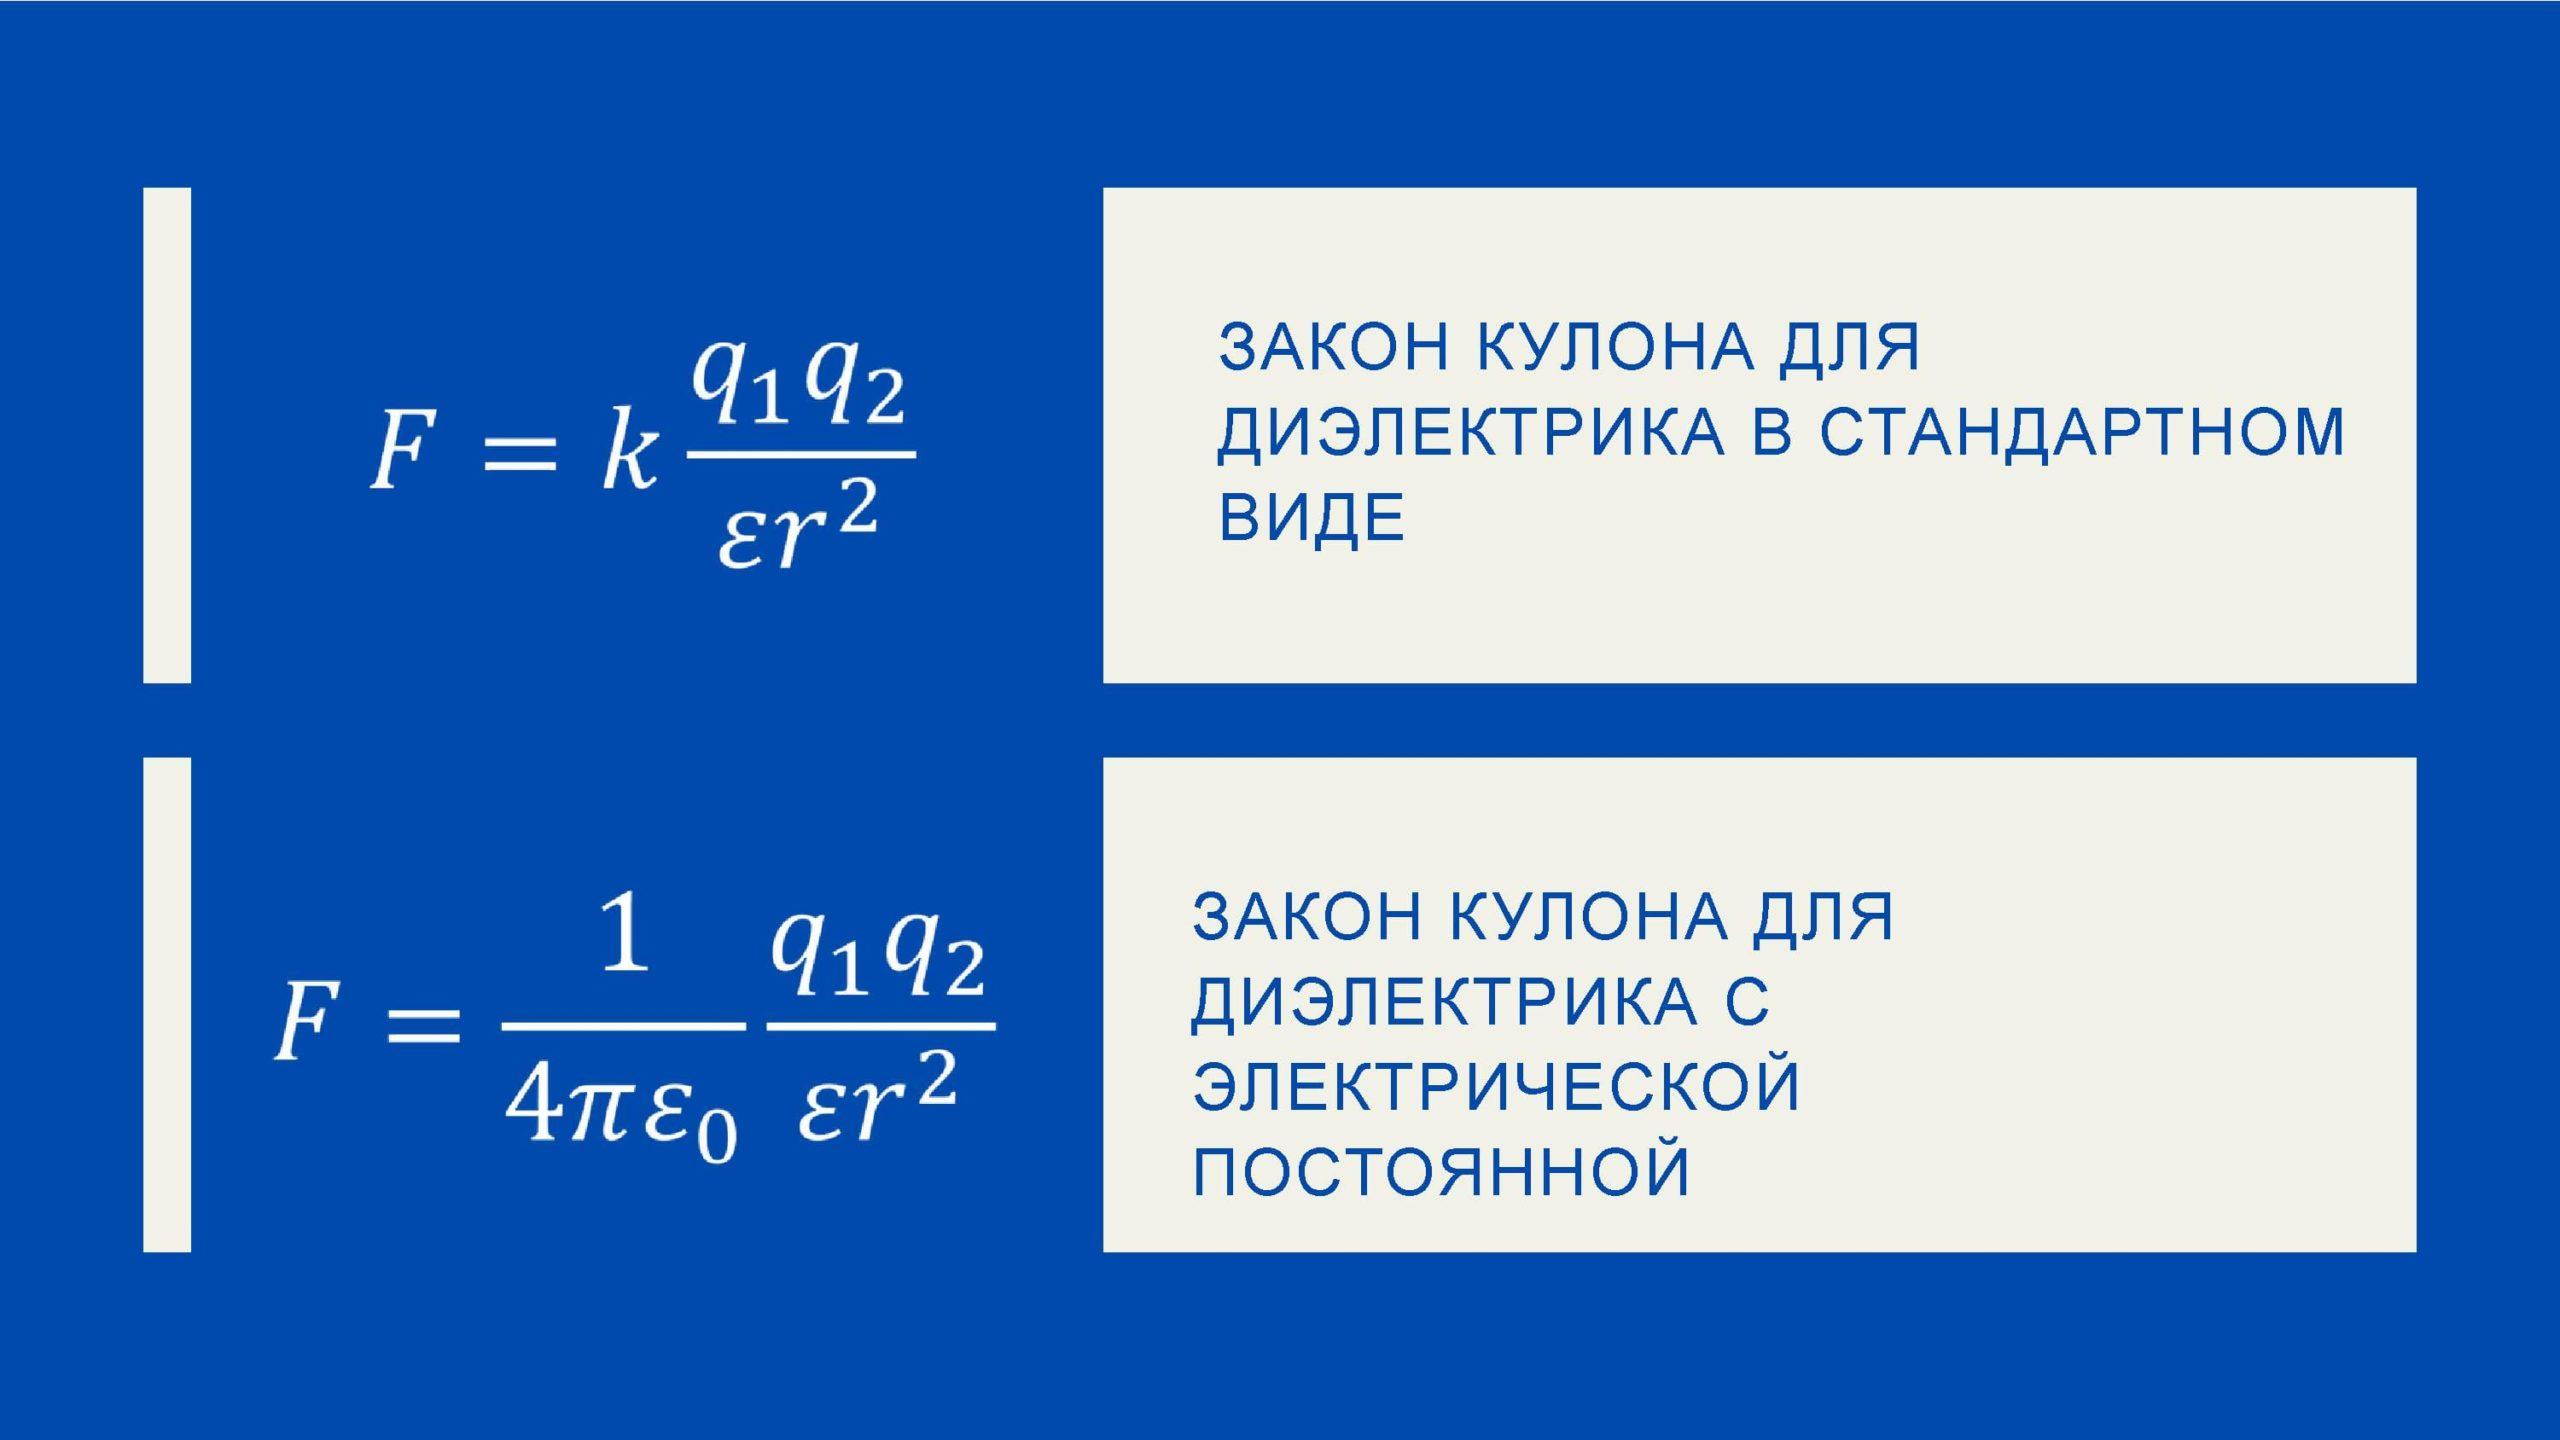 Закон Кулона для диэлектрика в стандартном виде. Закон Кулона для диэлектрика с электрической постоянной